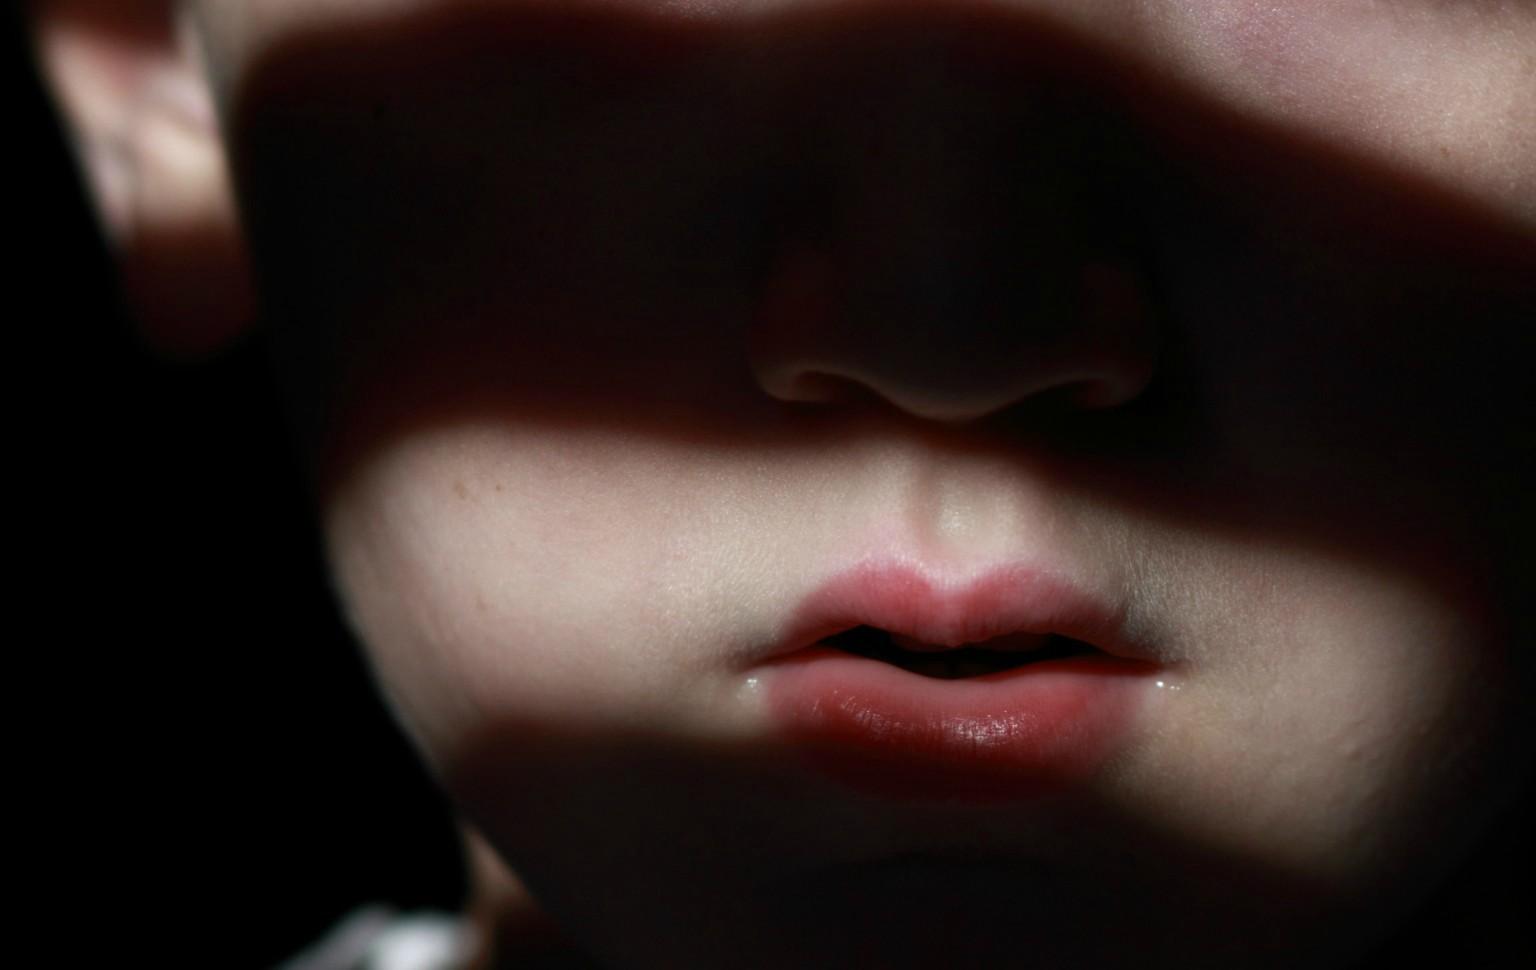 Uno de los representantes denunció que su hijo fue abusado por un profesor de natación del Colegio Emil Friedman